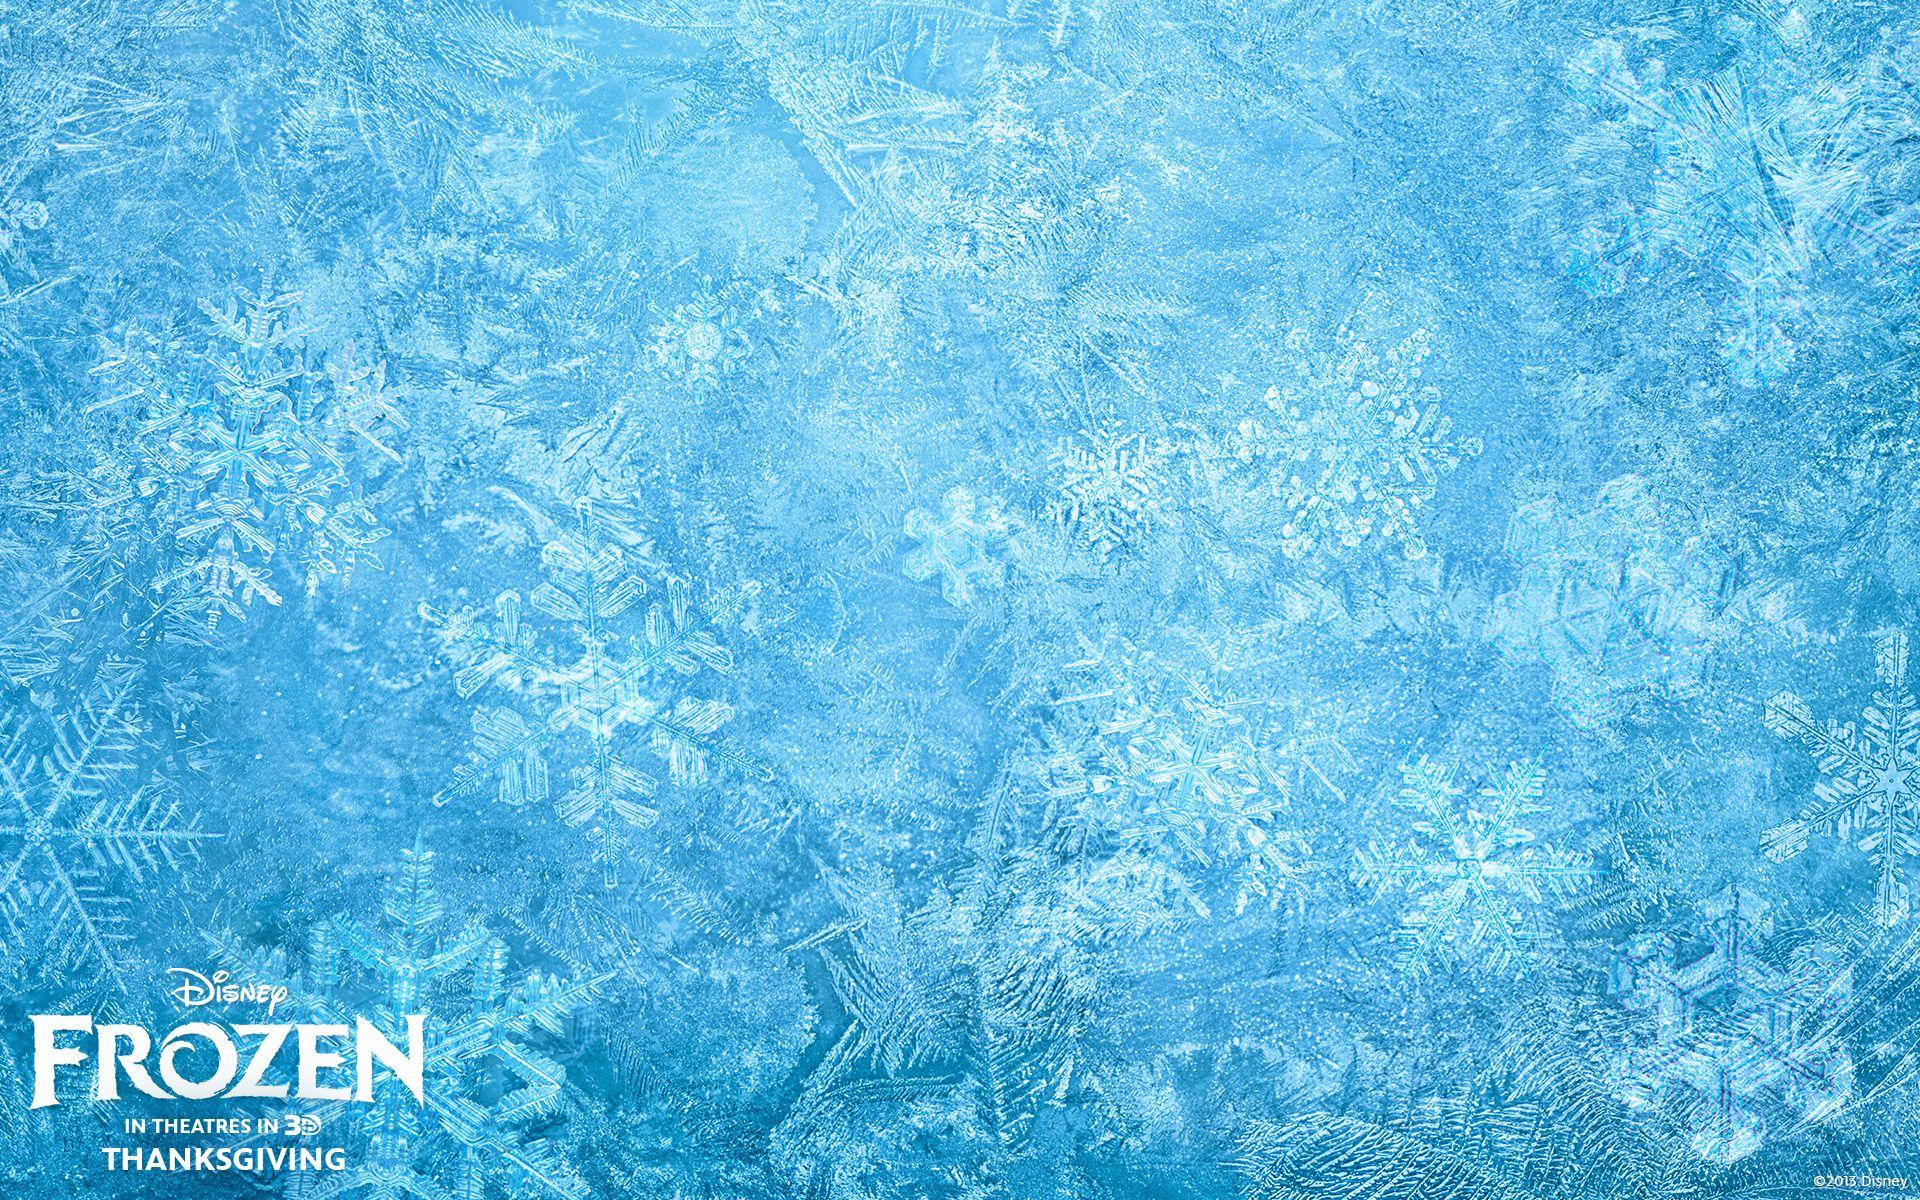 Frozen Olaf Wallpaper Hd Frozen Disney S Frozen Cg